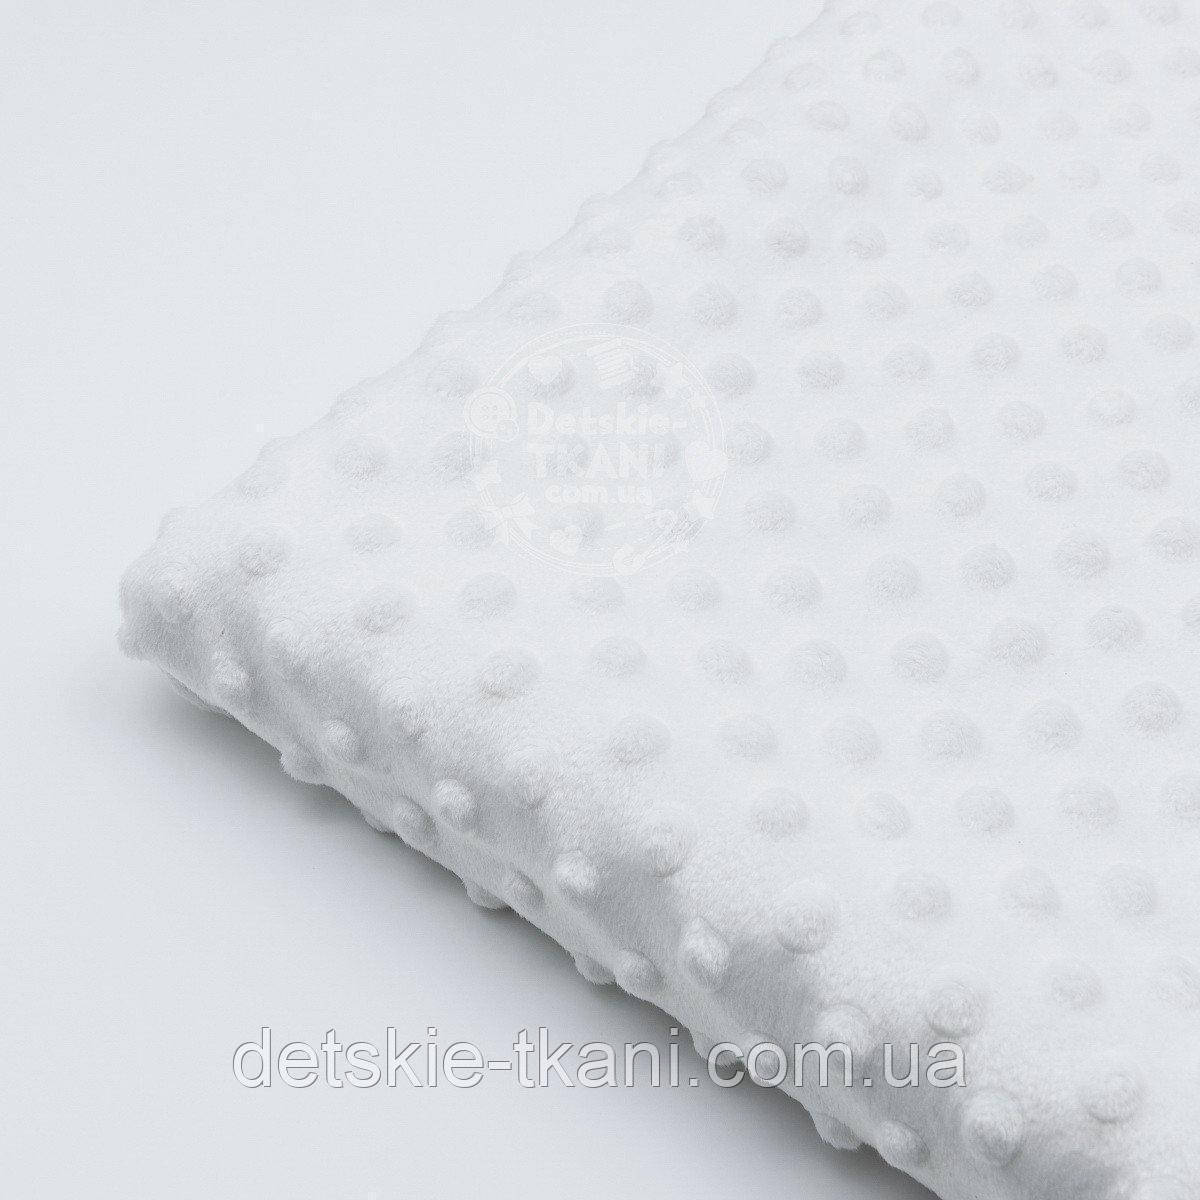 Лоскут плюша minky М-10  цвет белый, размер 125*135 см